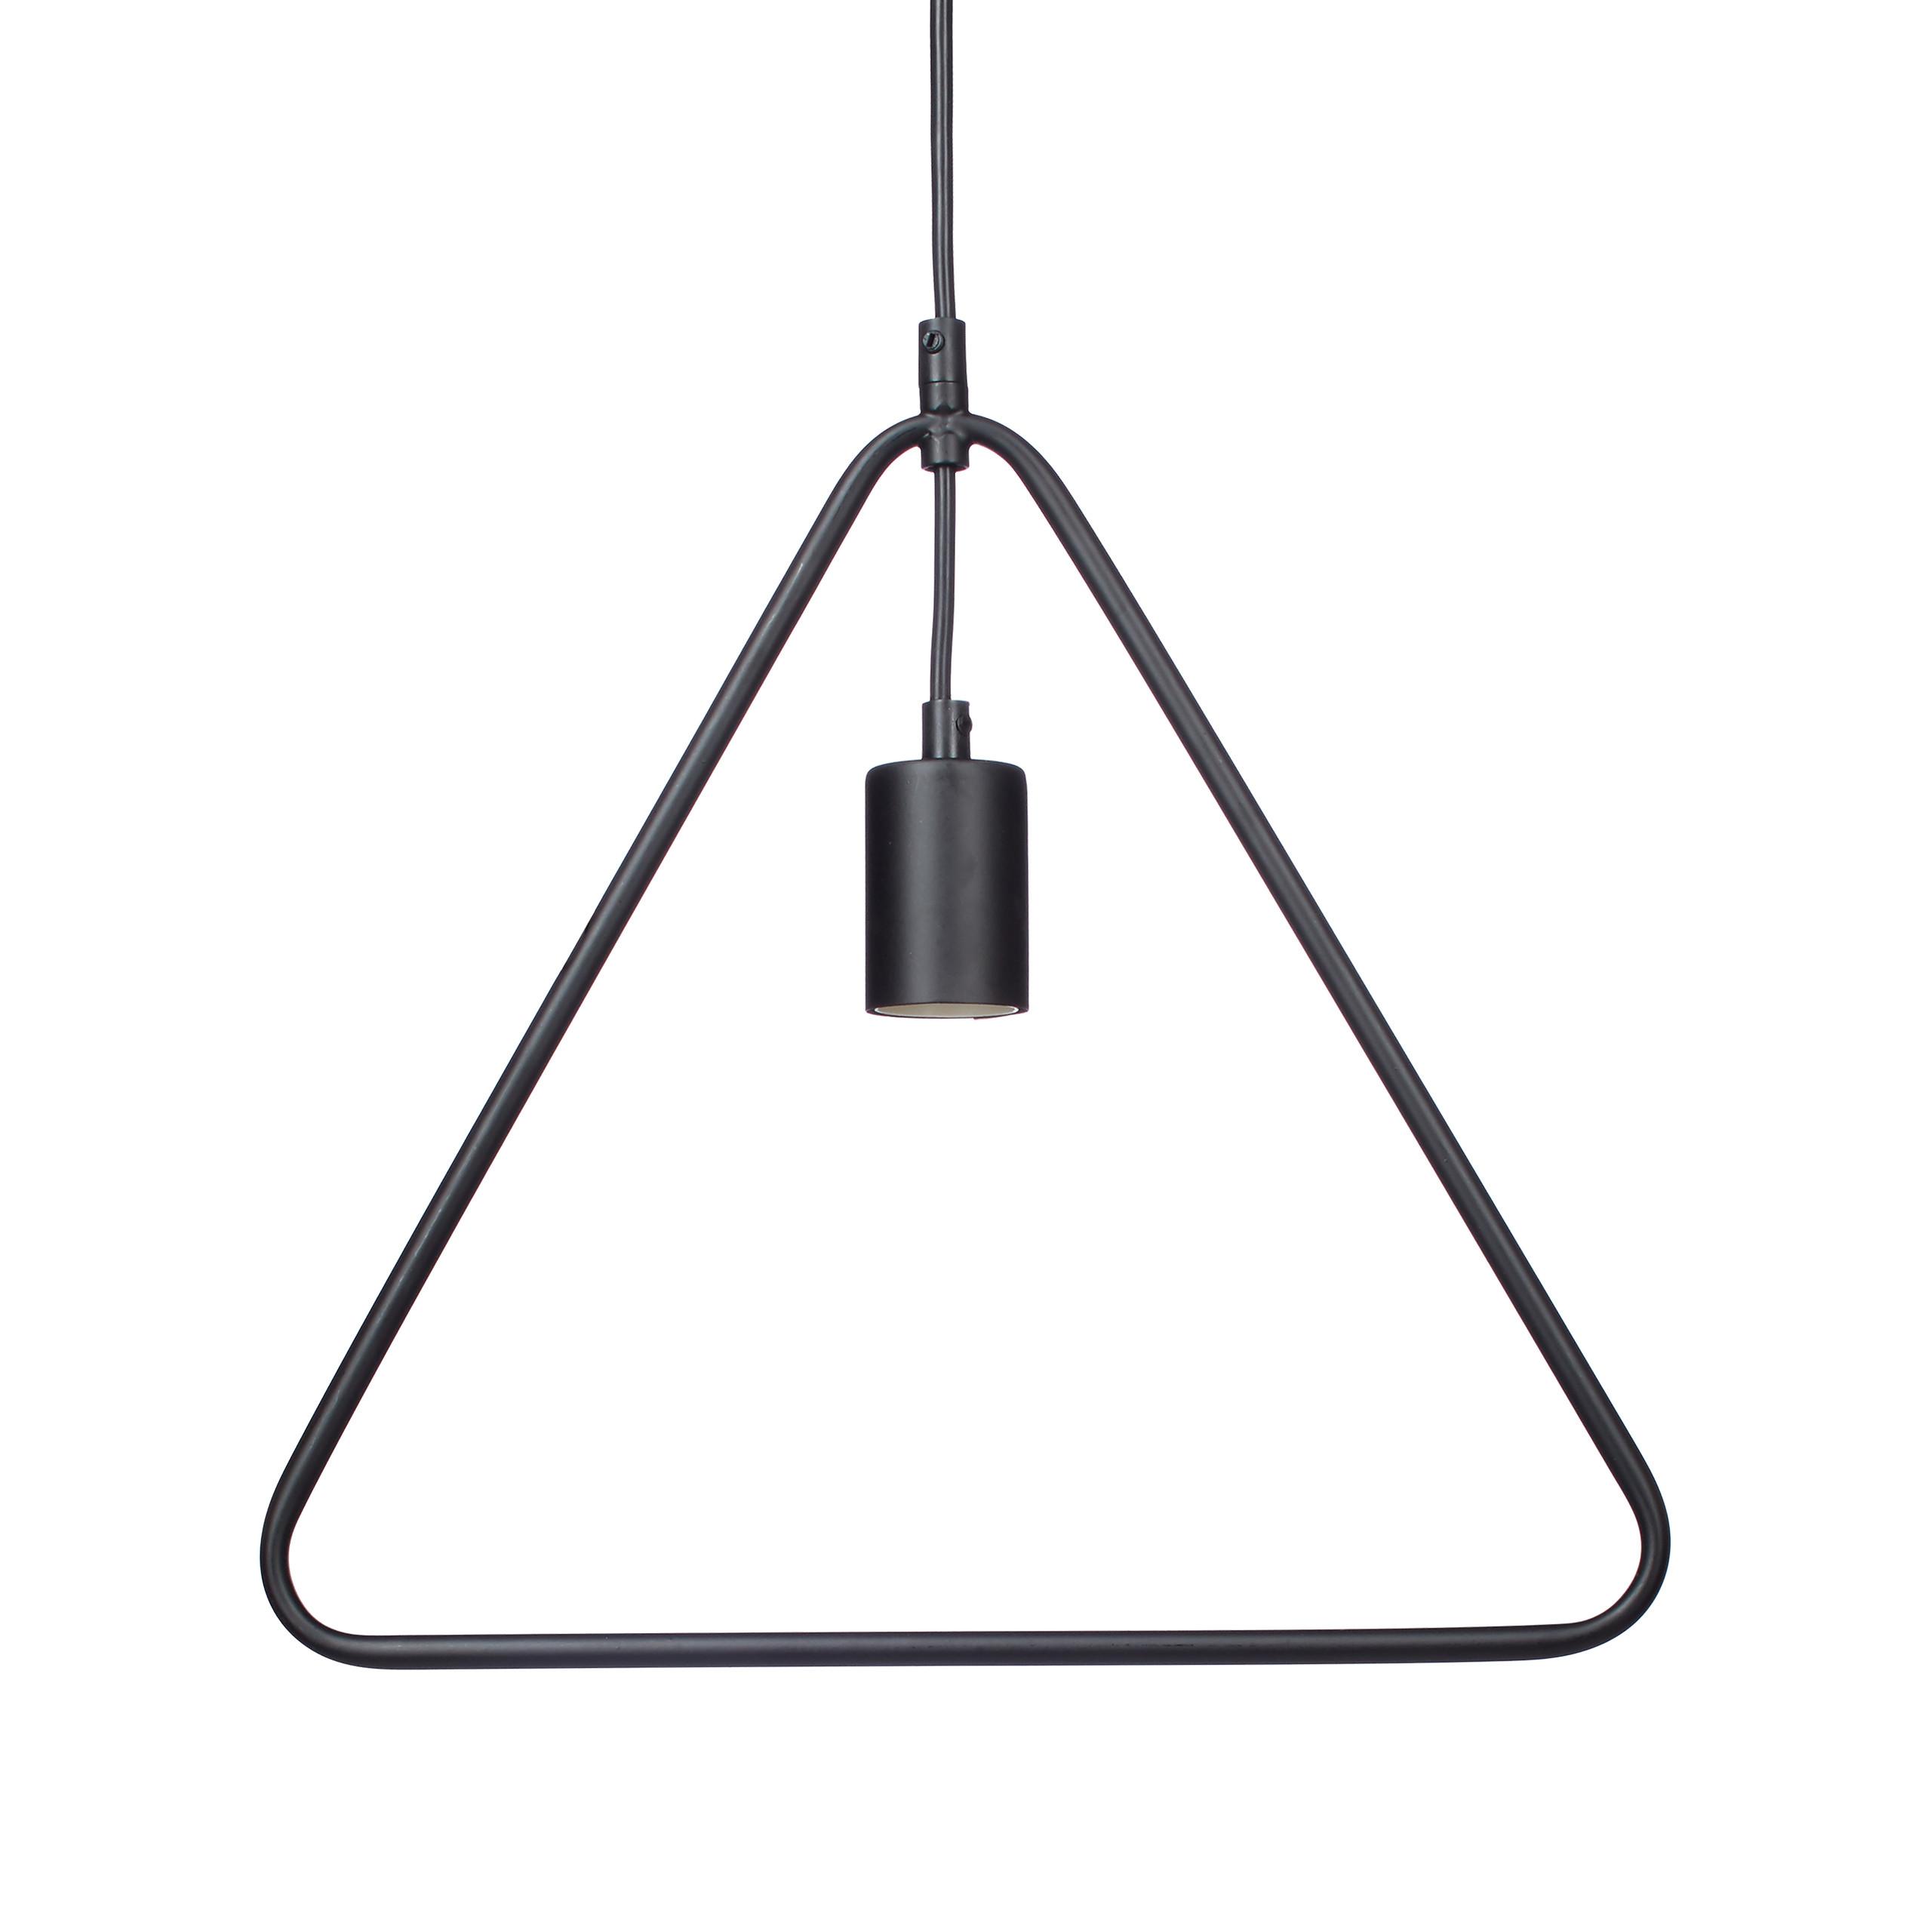 Indexbild 15 - Moderne Pendelleuchte KONTUR ohne Schirm Metall Hängelampe Rand Pendellampe